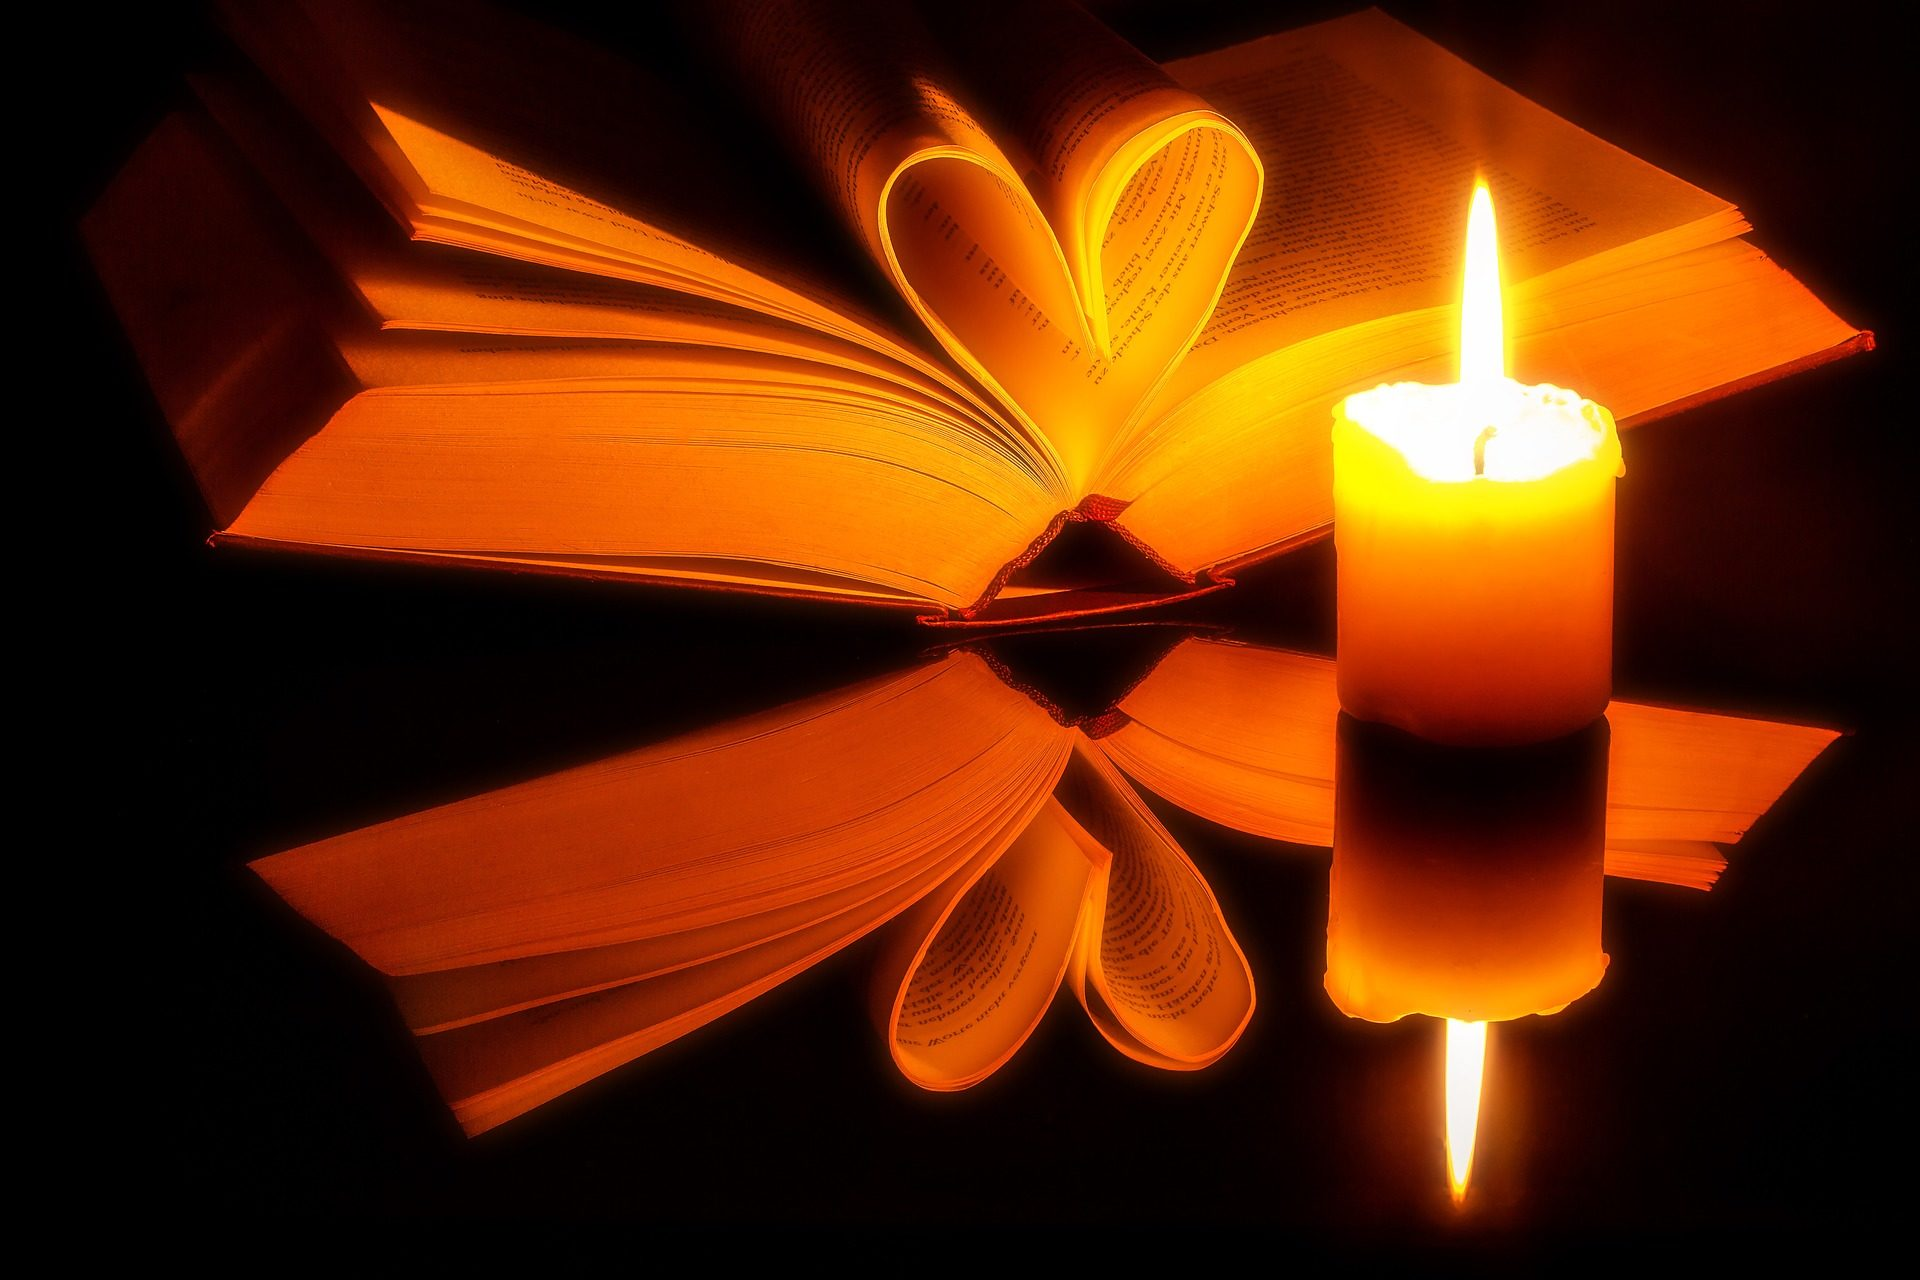 Βιβλίο, κερί, ανάγνωση, σκοτάδι, στολή, καρδιά, φύλλα - Wallpapers HD - Professor-falken.com